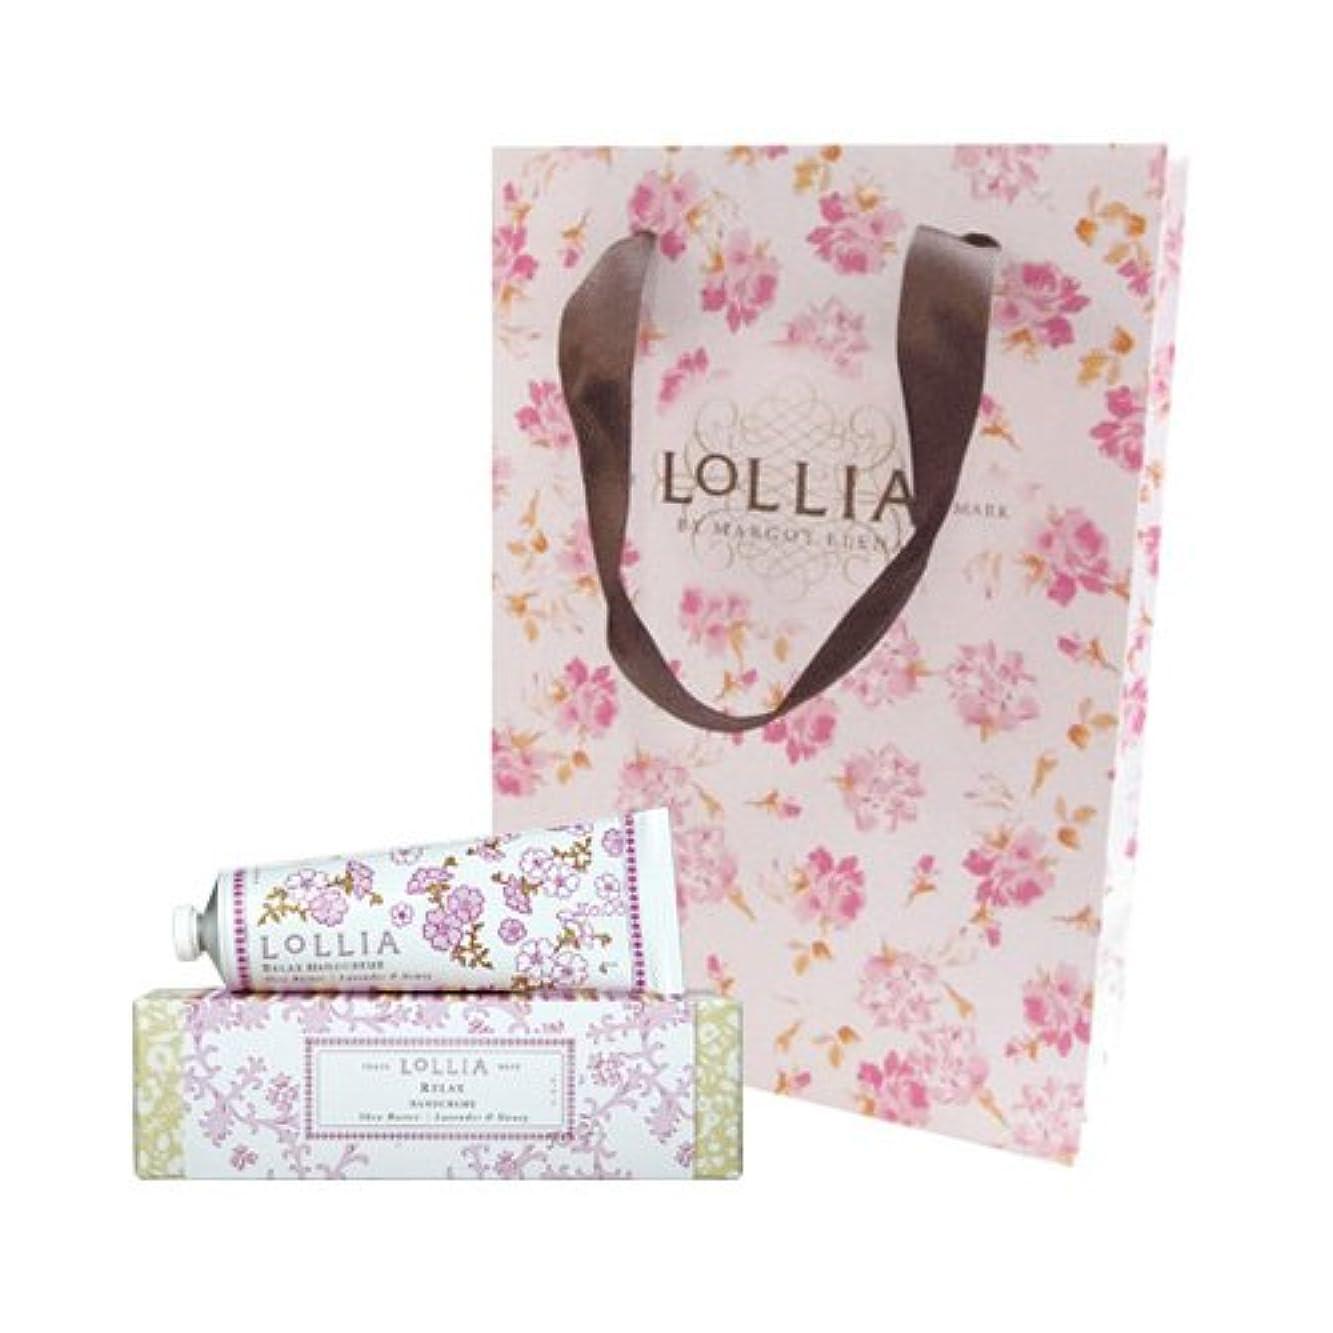 レイ描写洪水ロリア(LoLLIA) ハンドクリーム Relax 35g (蘭、ラベンダー、バニラとハニーの甘い香り) ショッパー付